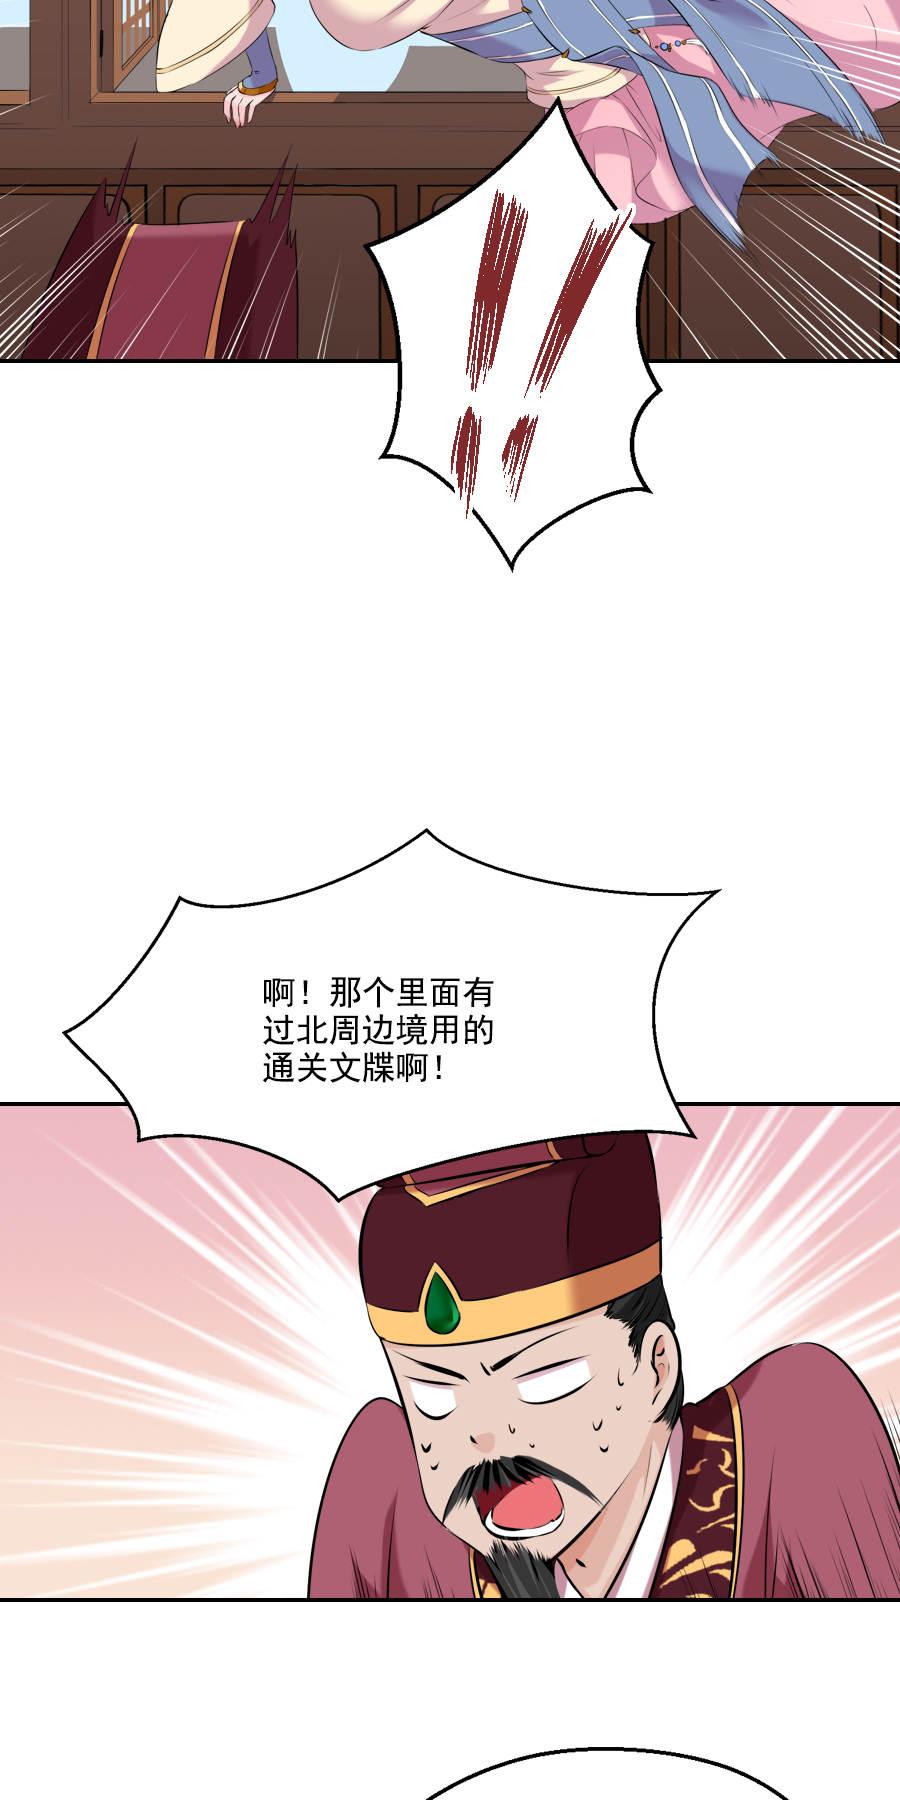 盛世帝王妃第27话  吃蟹蟹  + 时尚教主活动 第 27